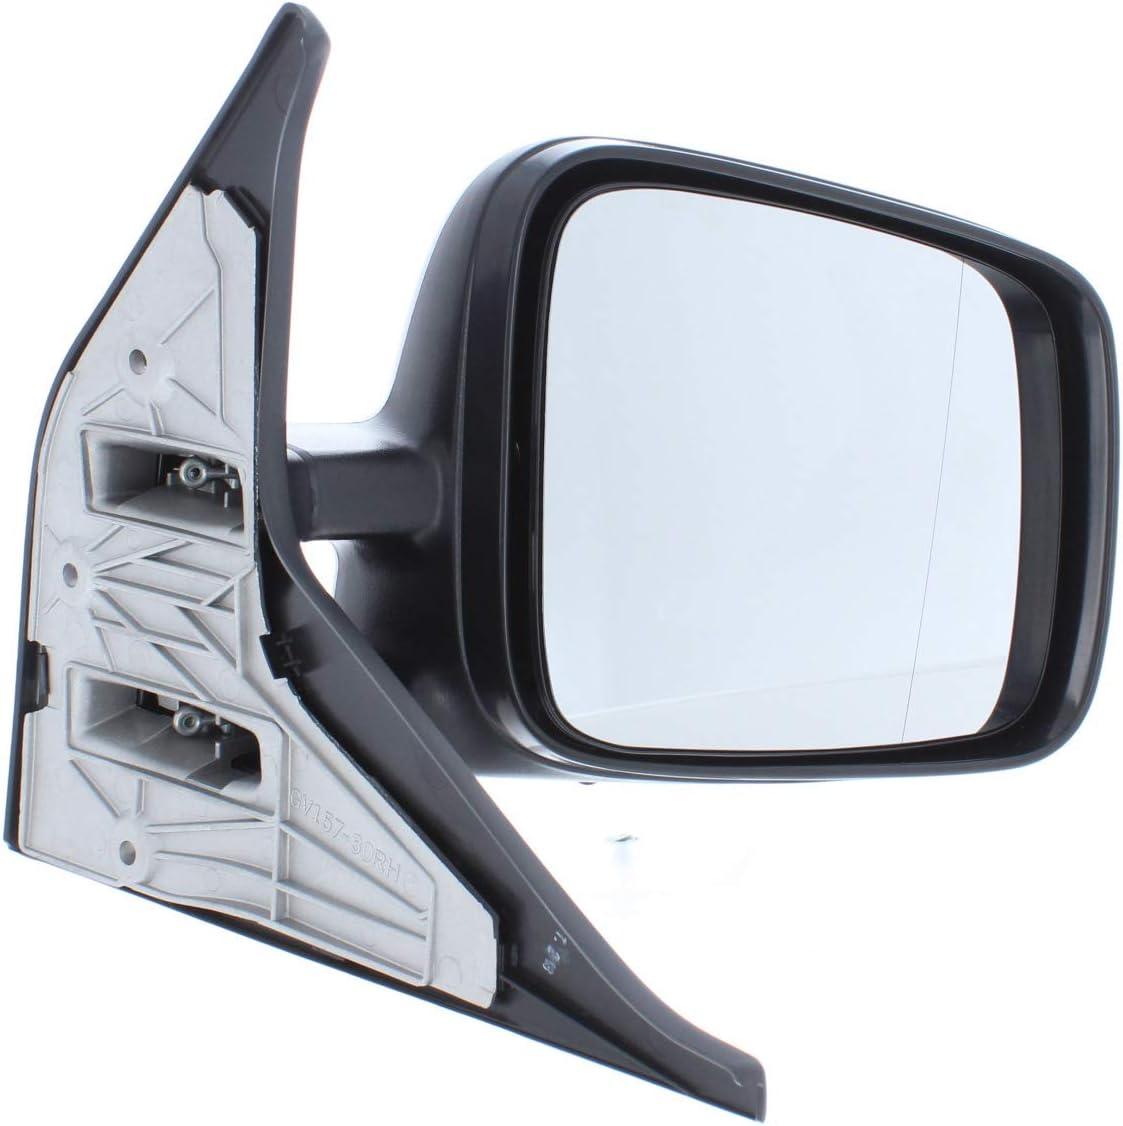 90-03 MM616 Van Demon Right Hand Black Manual Door Mirror with Wide Housing for VW Transporter T4